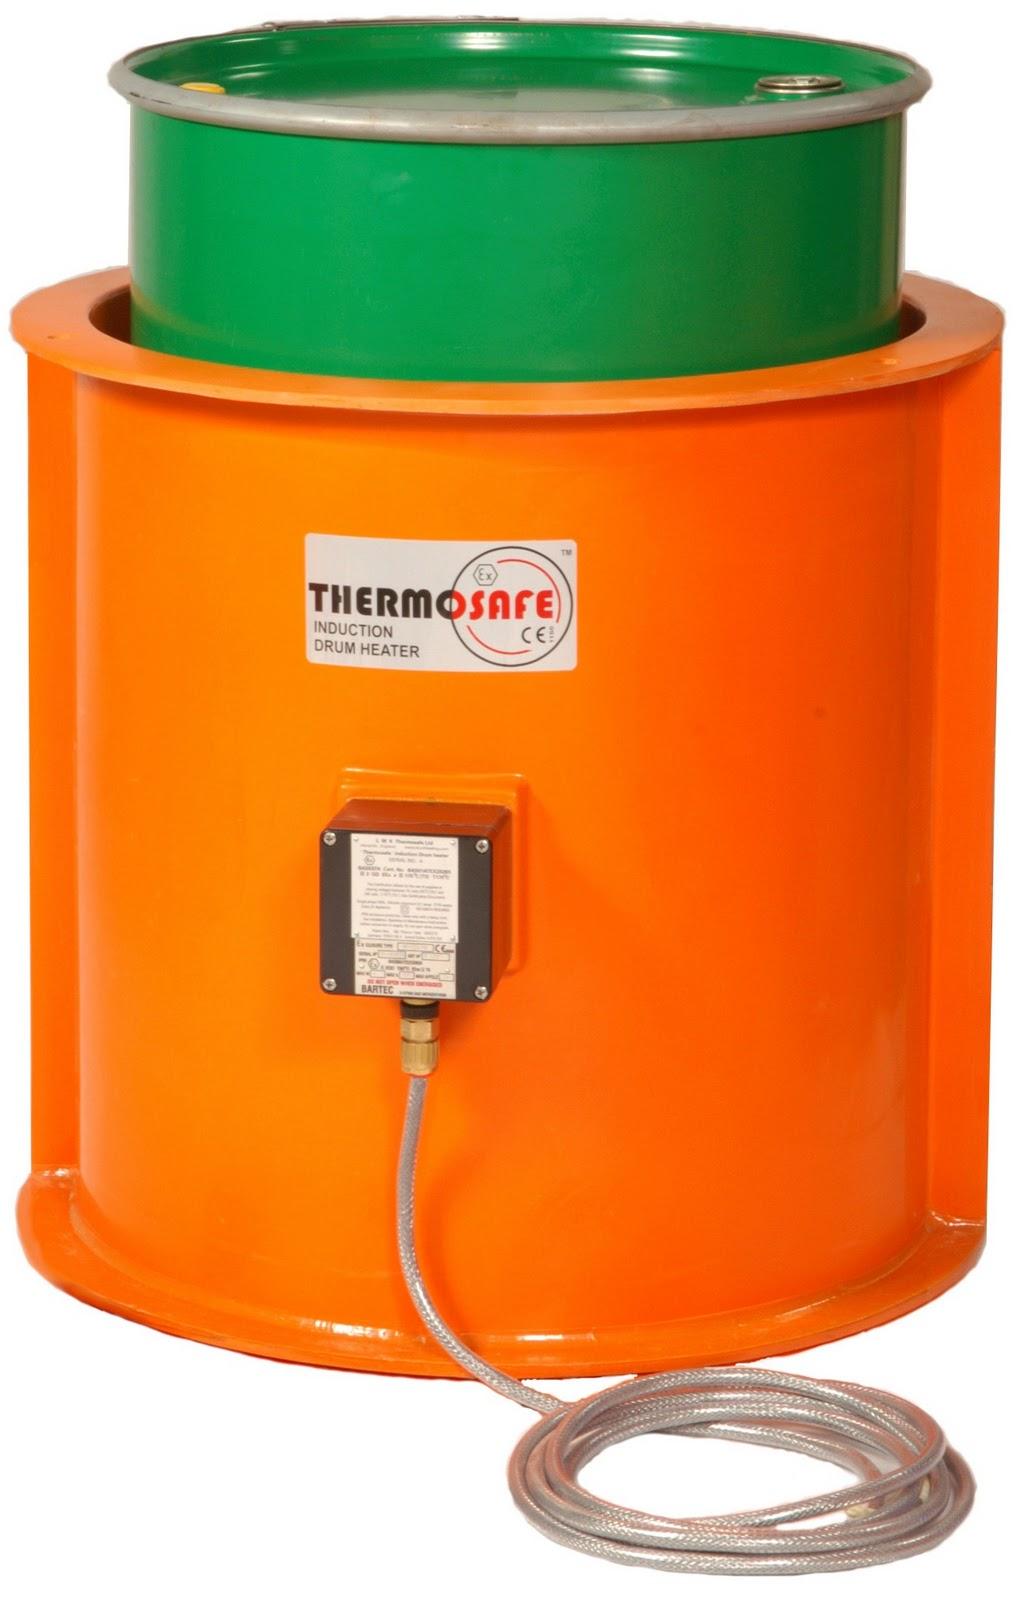 Calentamiento de bidones thermosafe calentamiento de for Bidon 30 litros cierre ballesta